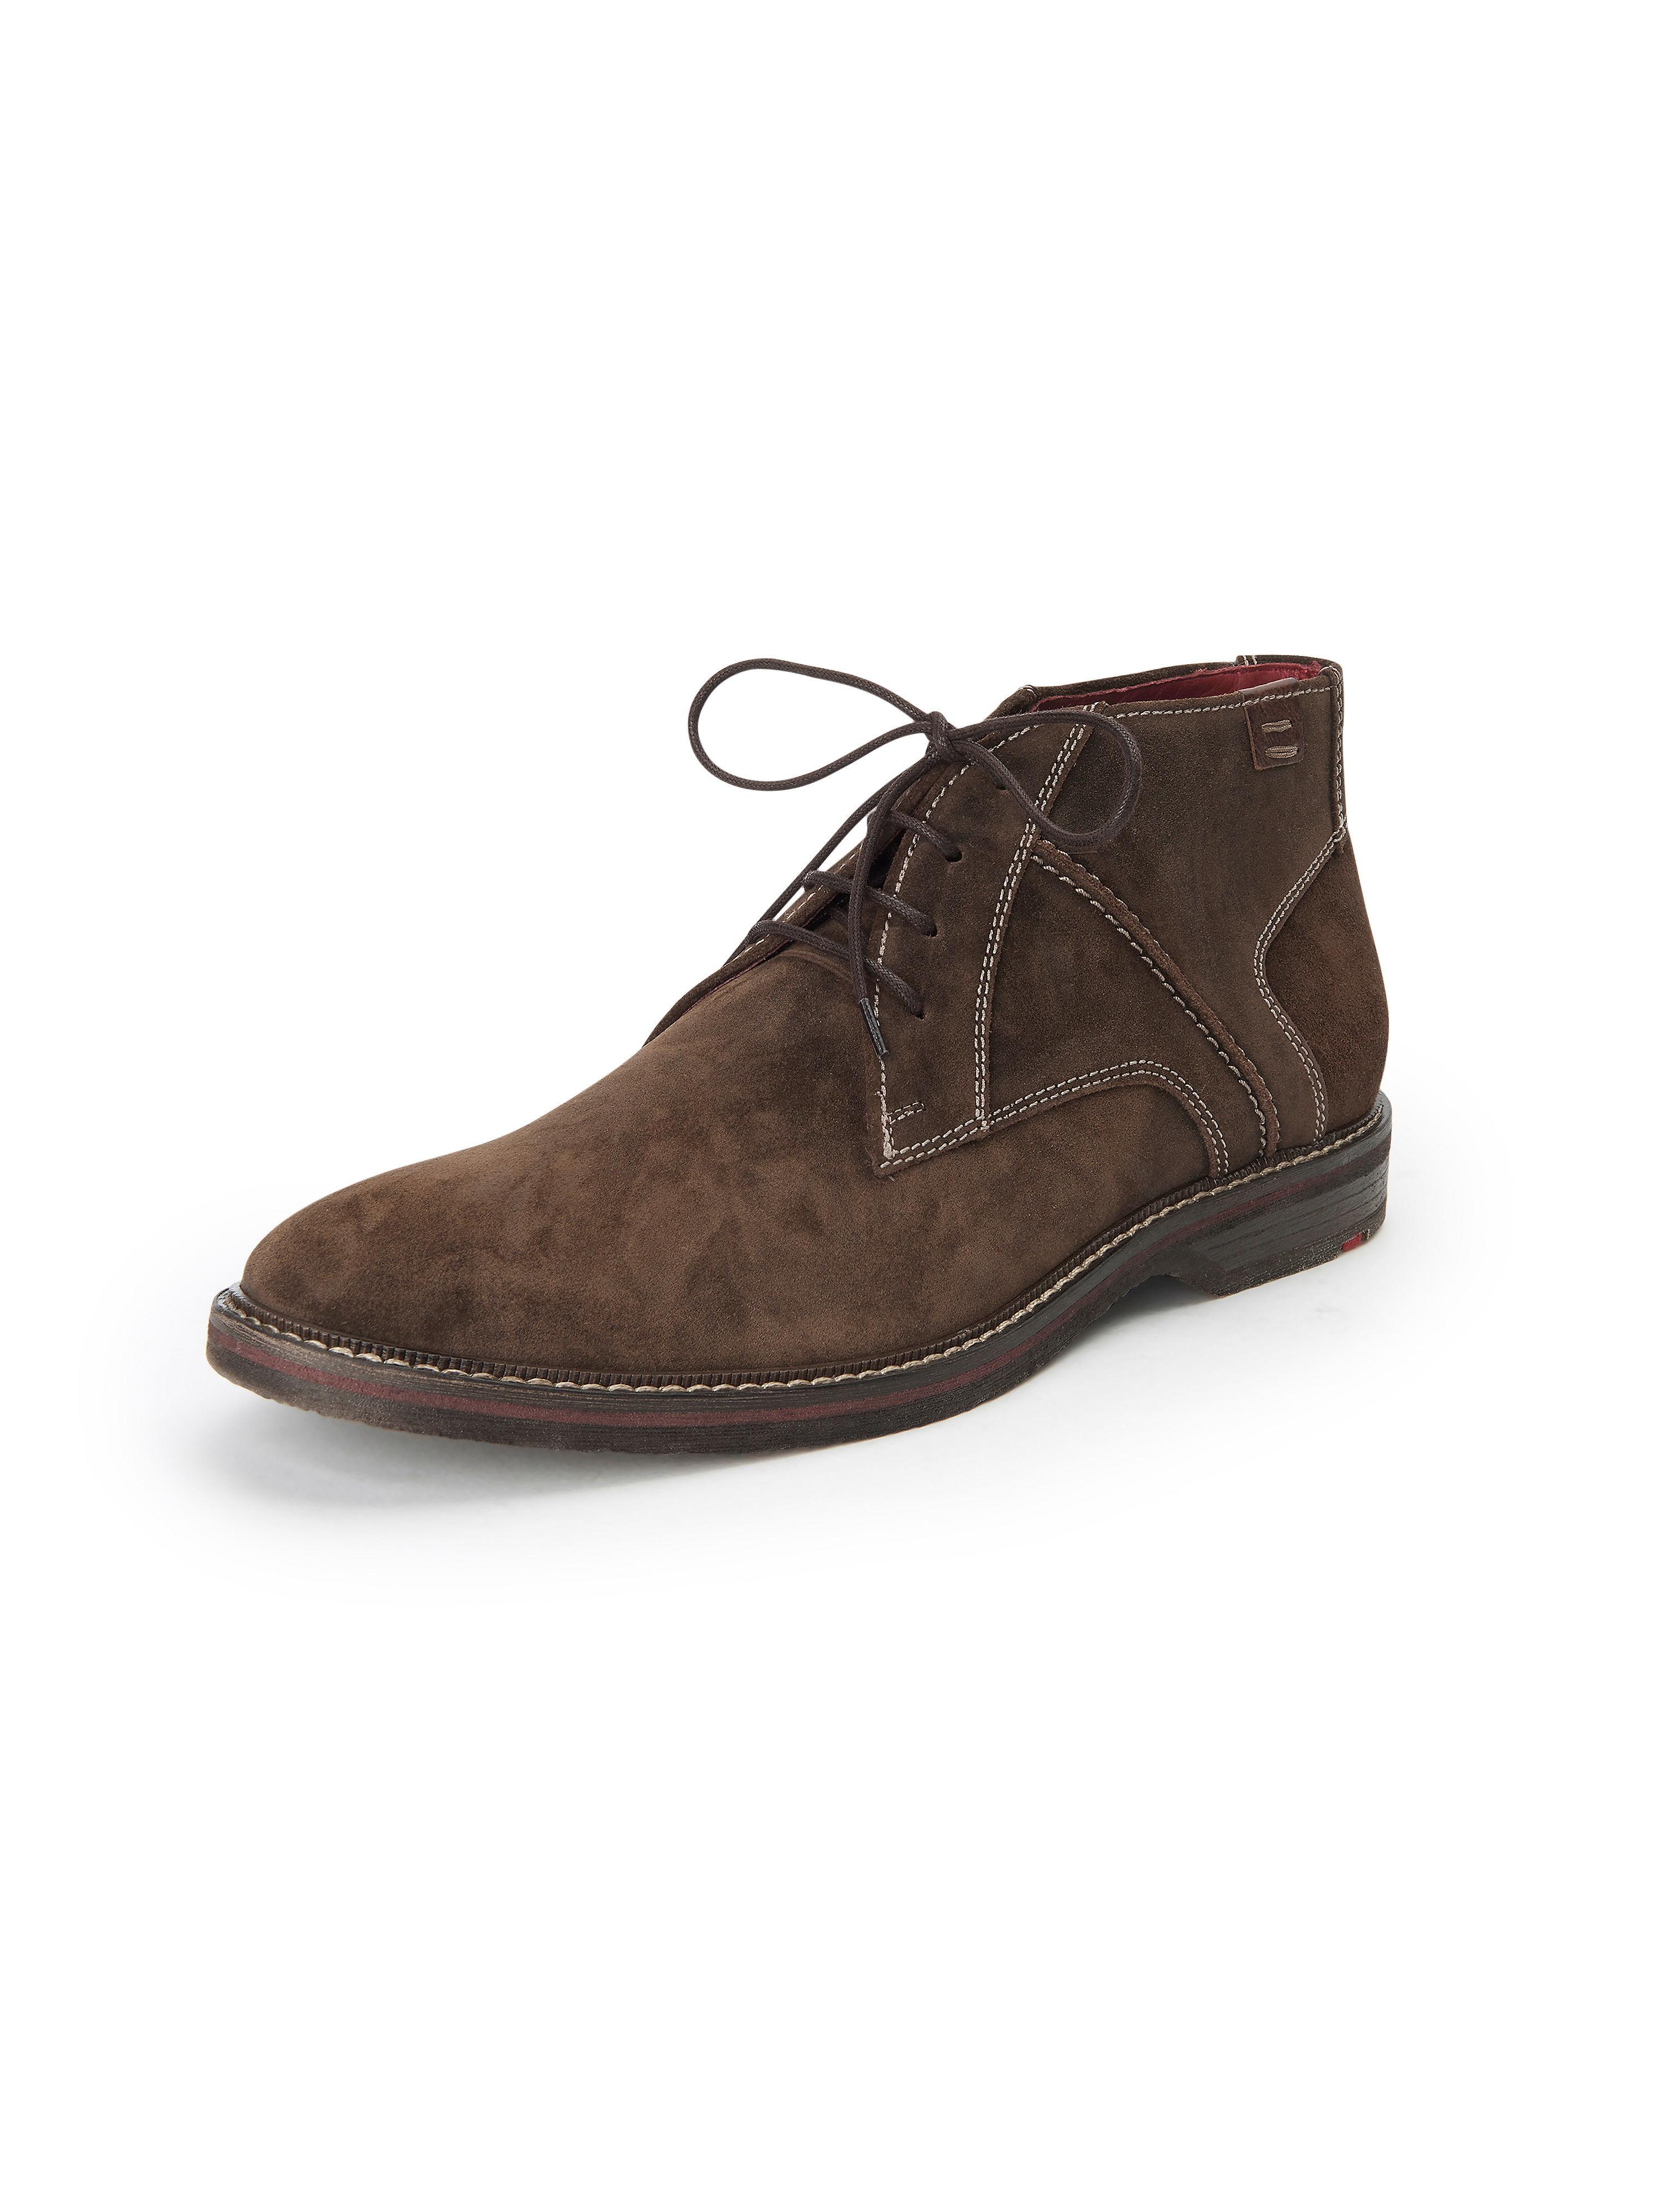 Lloyd Ankelhög snörsko Dalbert 100% läder från Lloyd brun